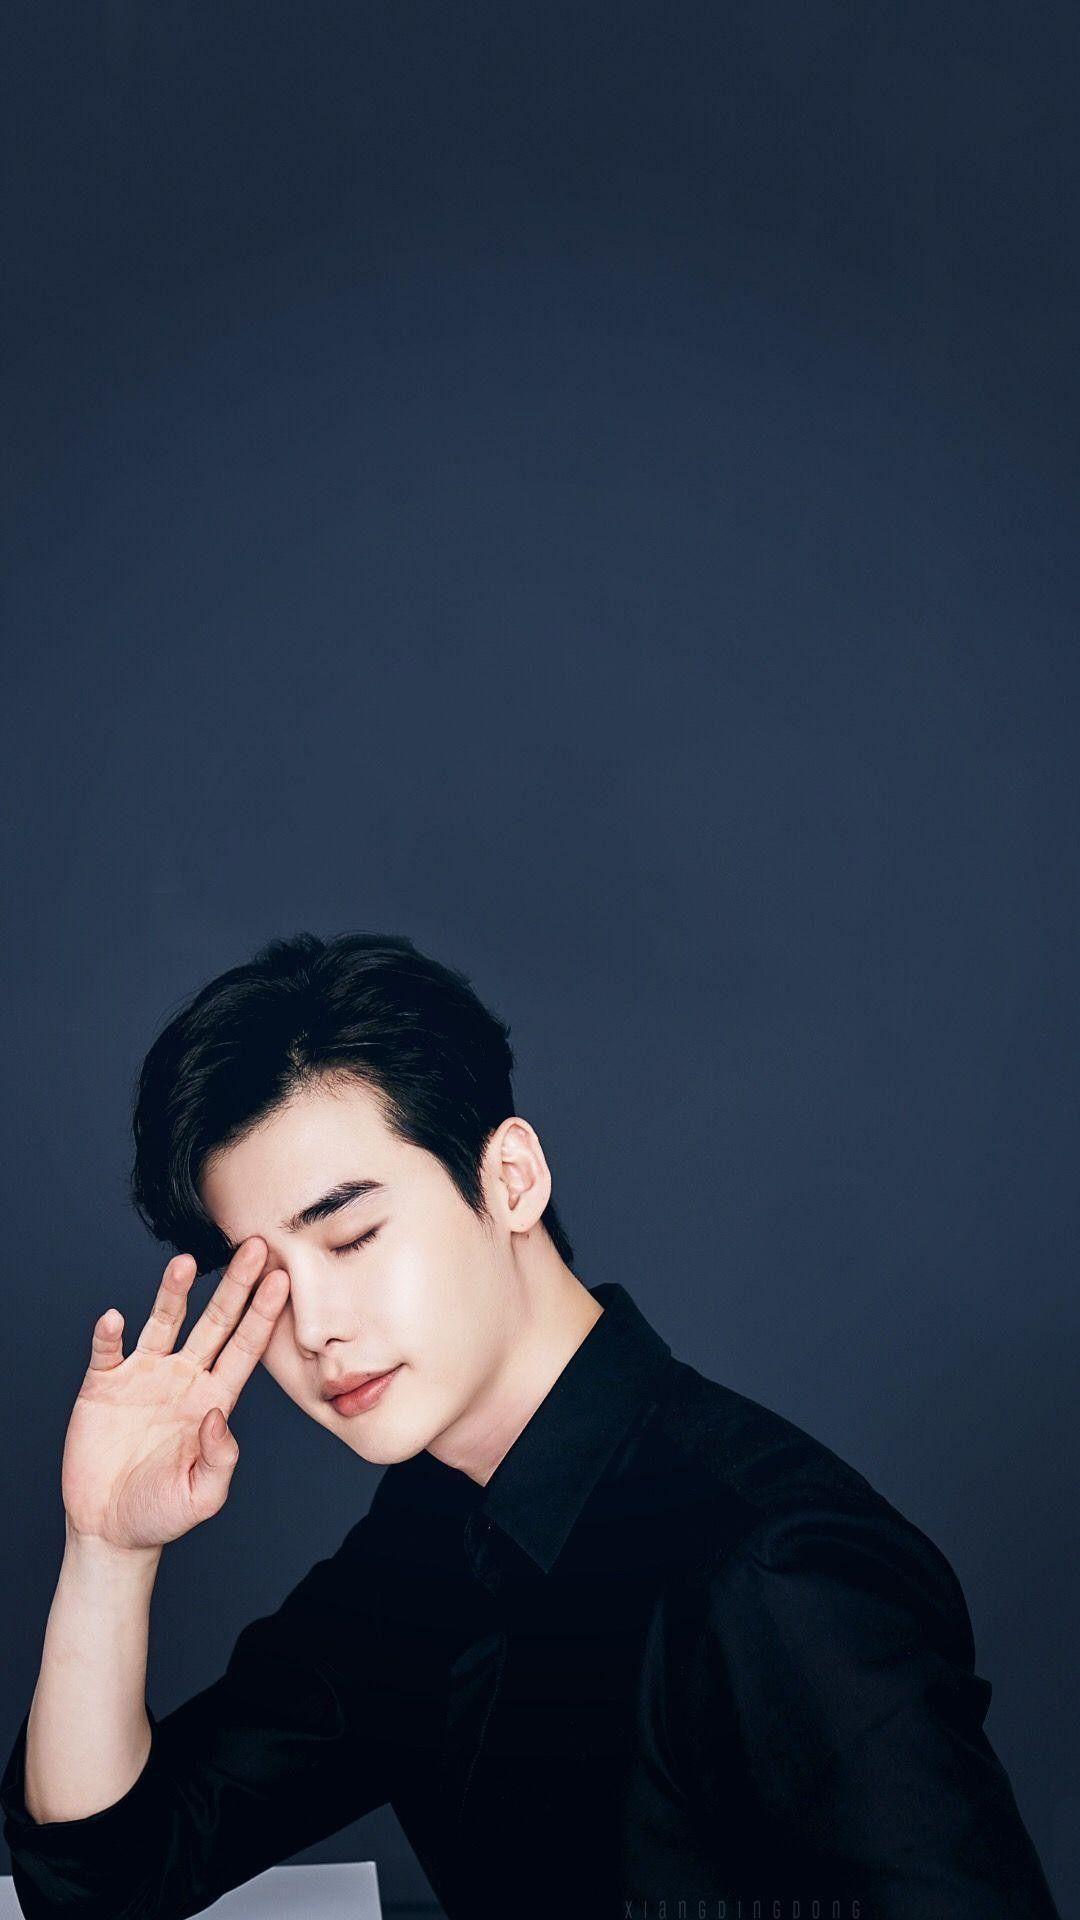 Leejongsuk Lee Jong Suk Wallpaper Lee Jung Suk Lee Jong